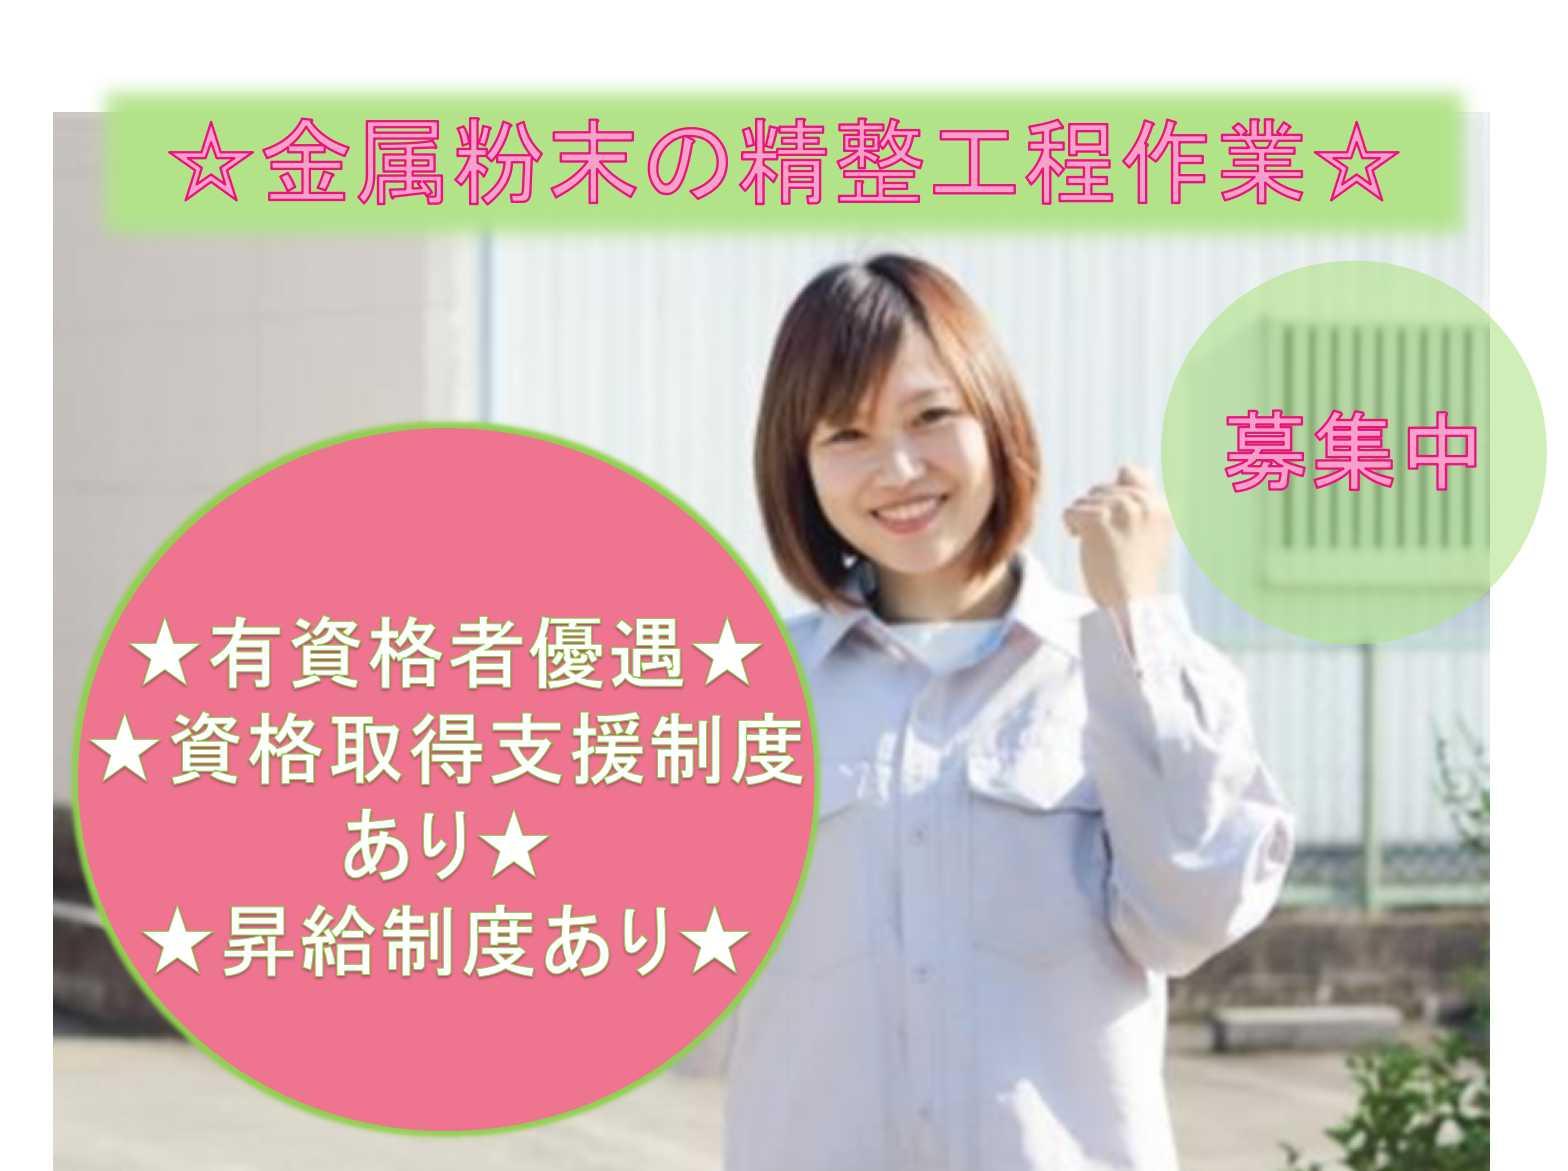 【青森県八戸市】有資格者優遇◆資格取得支援制度あり◆金属粉末の精整工程作業◆ イメージ